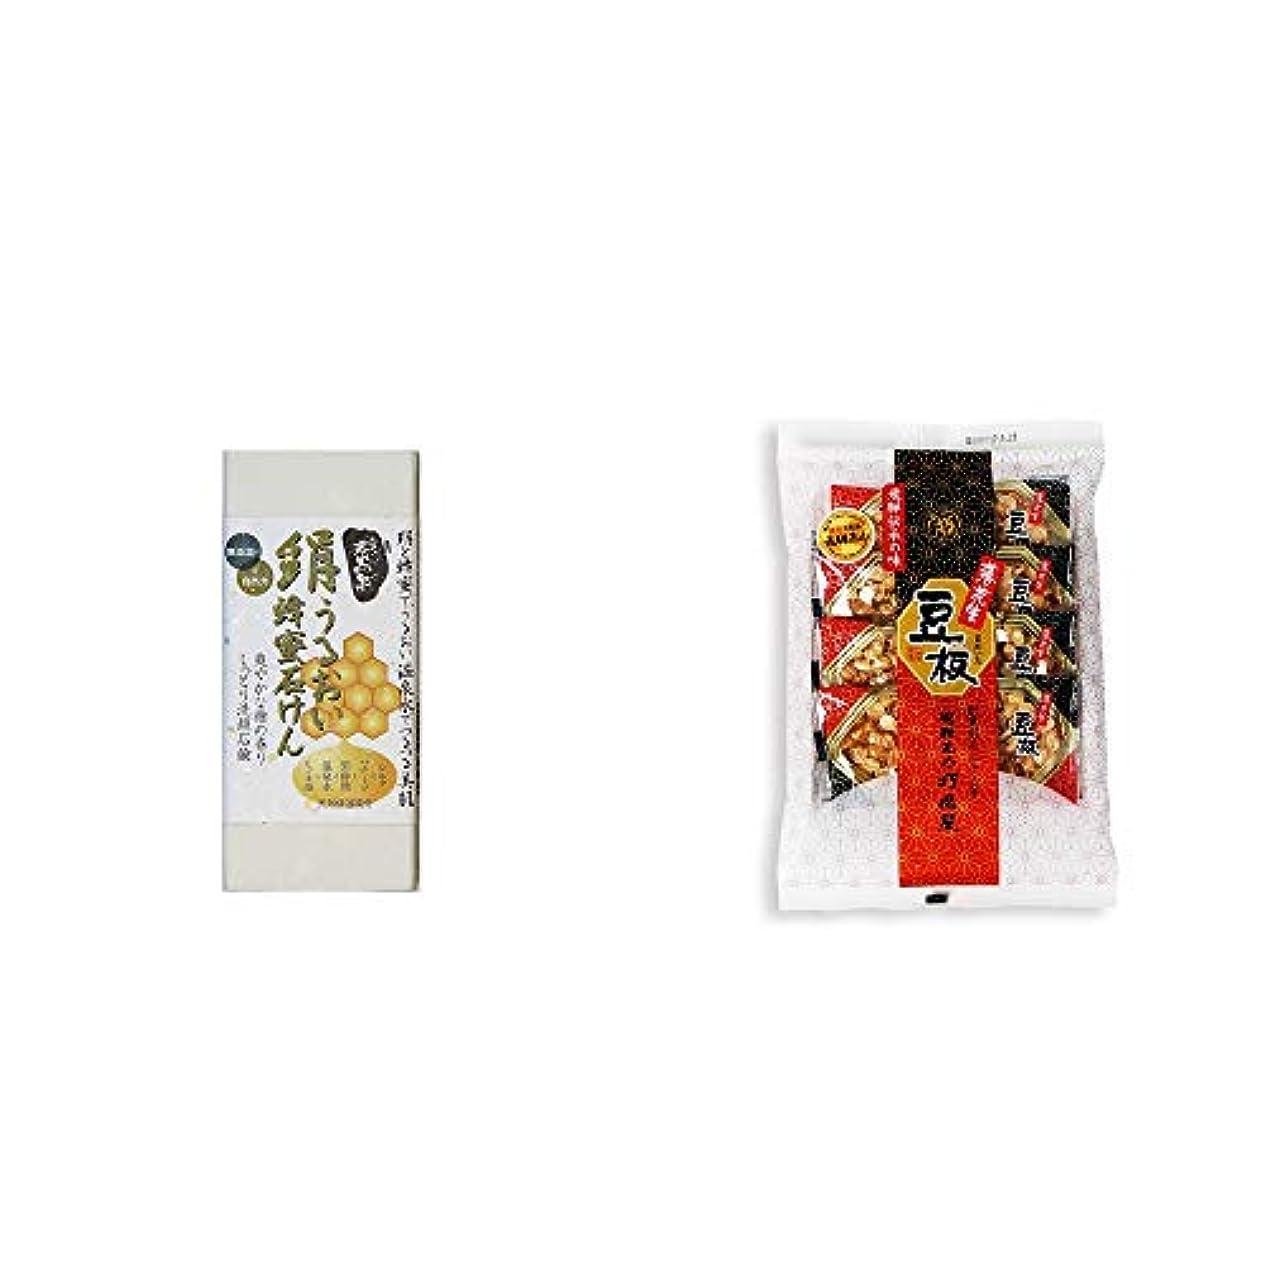 人気の染色保存する[2点セット] ひのき炭黒泉 絹うるおい蜂蜜石けん(75g×2)?飛騨銘菓「打保屋」の駄菓子 豆板(8枚入)